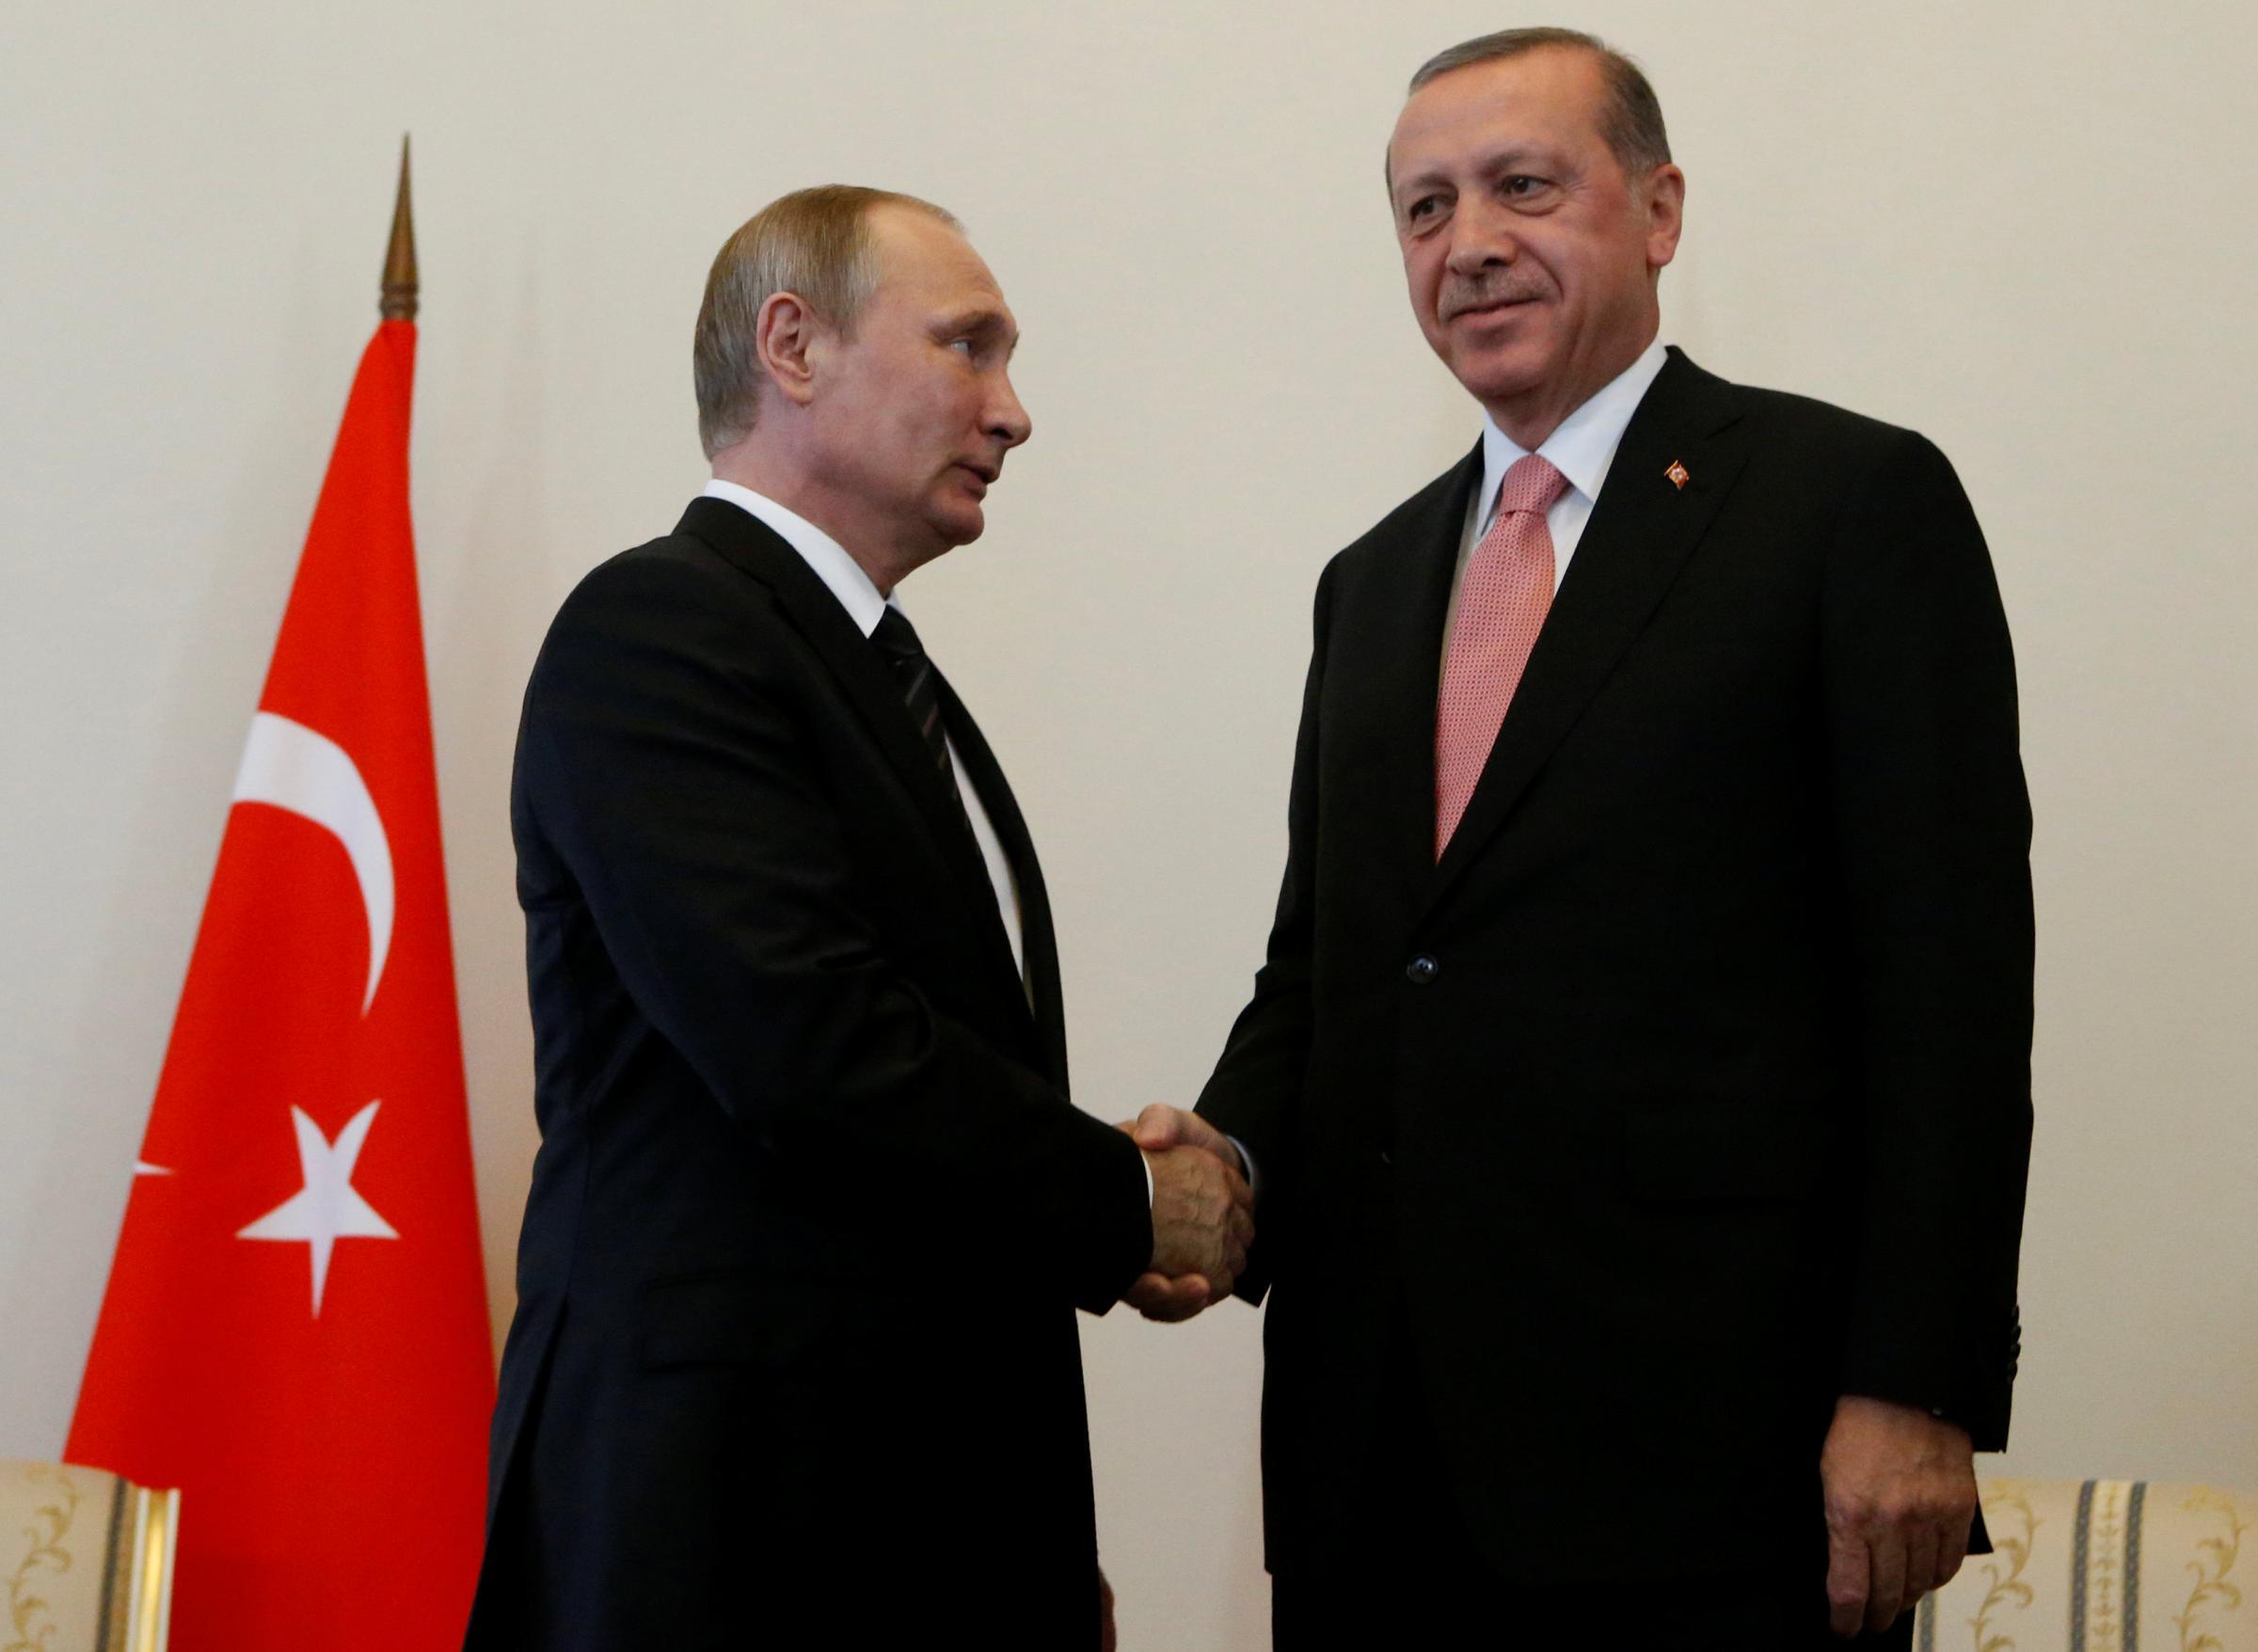 Putin e Erdogan a San Pietroburgo: l'incontro del disgelo